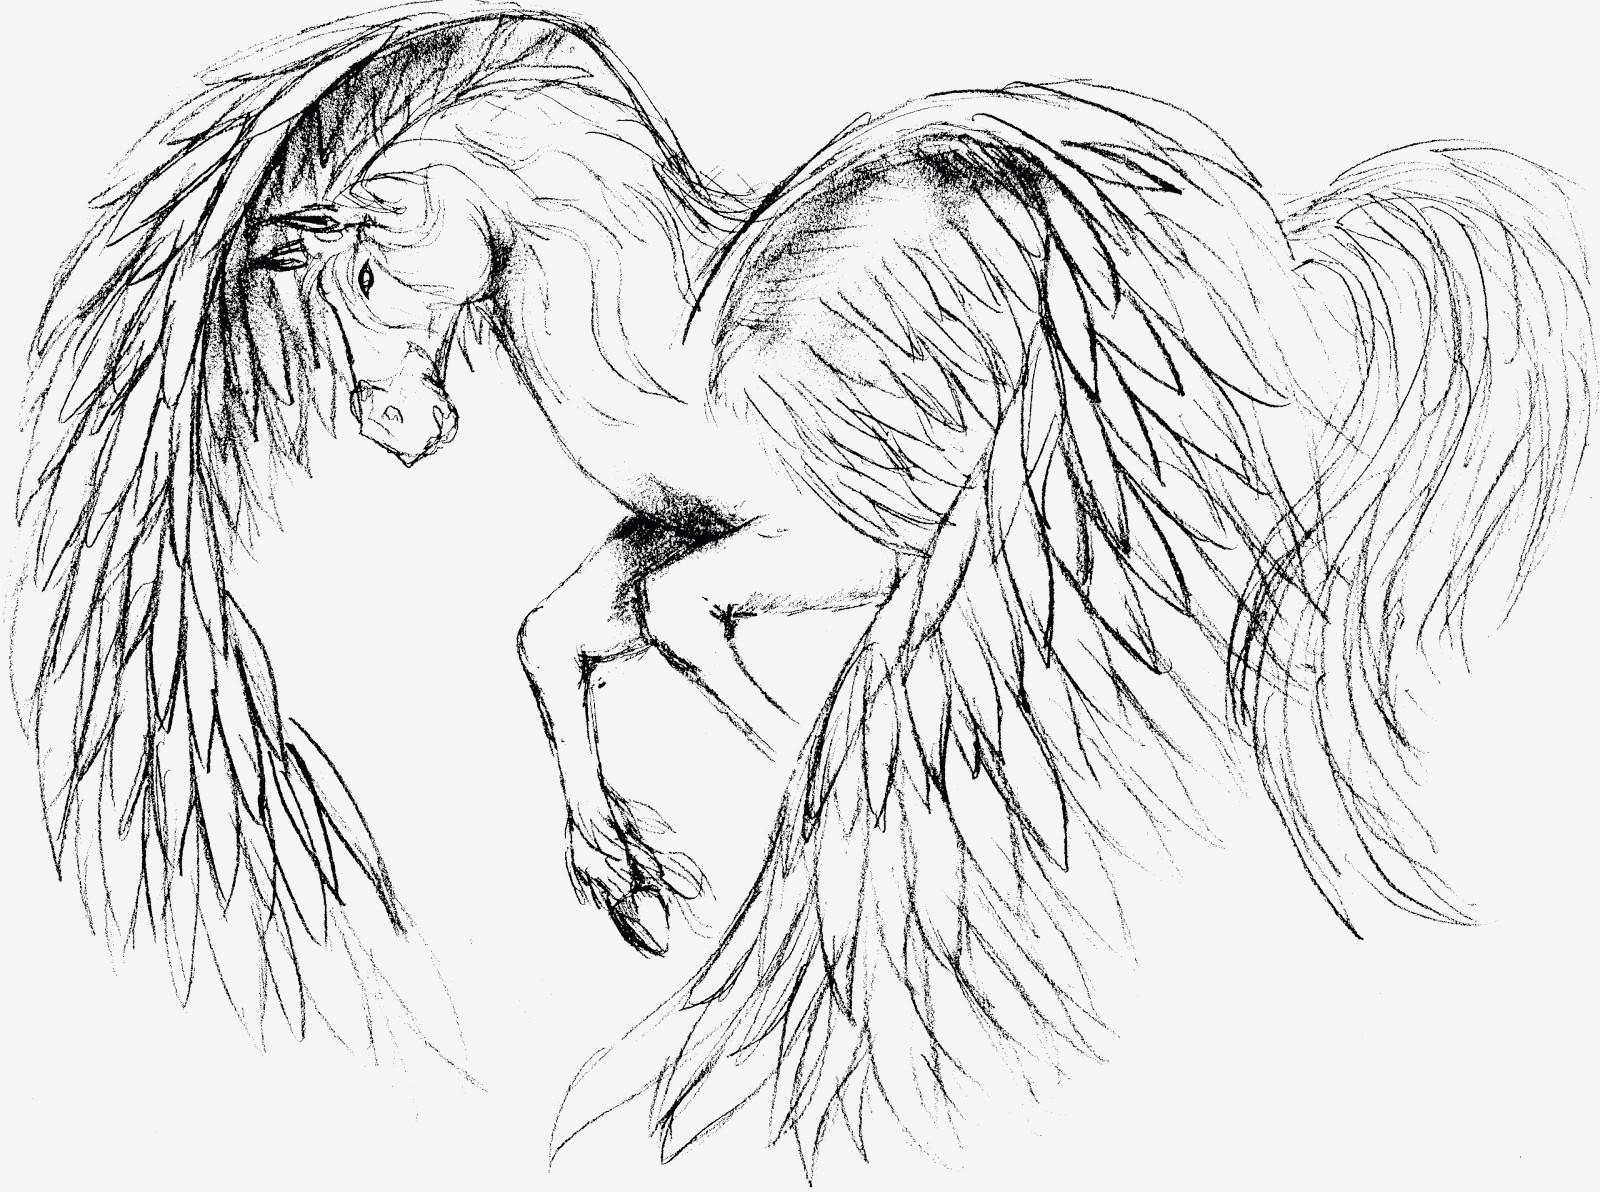 Pegasus Zum Ausmalen Einzigartig Bilder Zum Ausmalen Bekommen Einhorn Malvorlagen Fotos